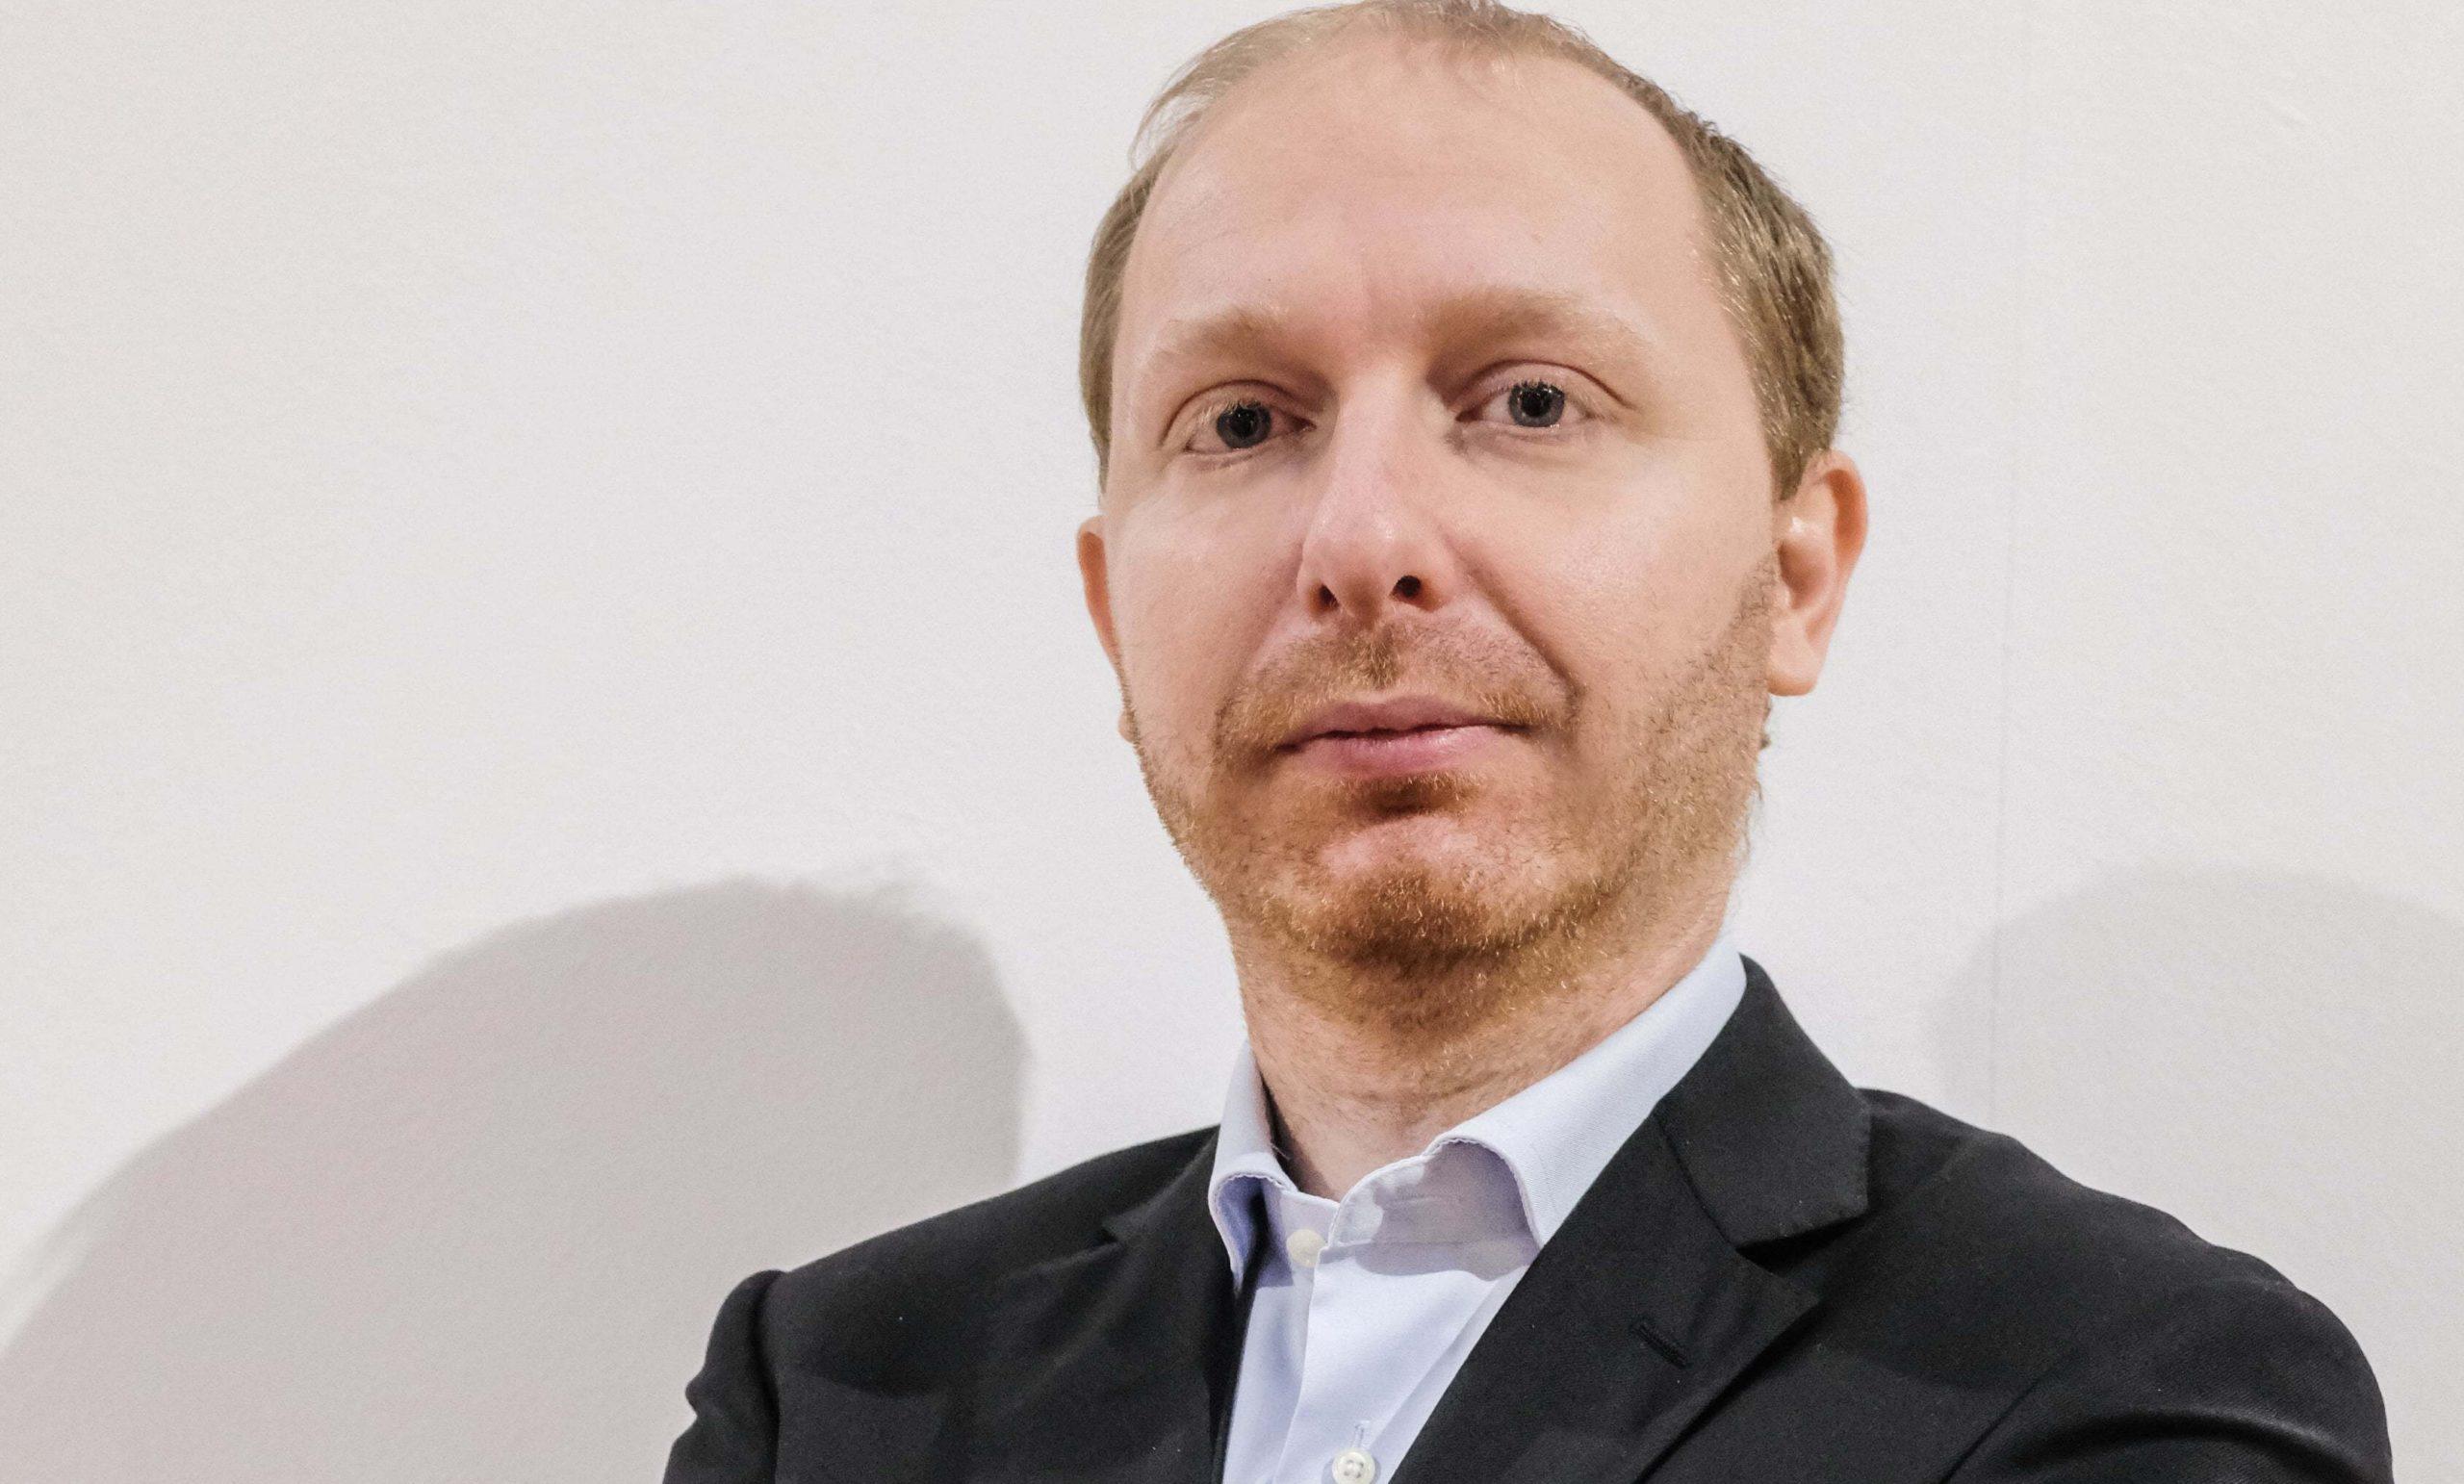 Stefano Raimondi è il nuovo direttore artistico della fiera ArtVerona